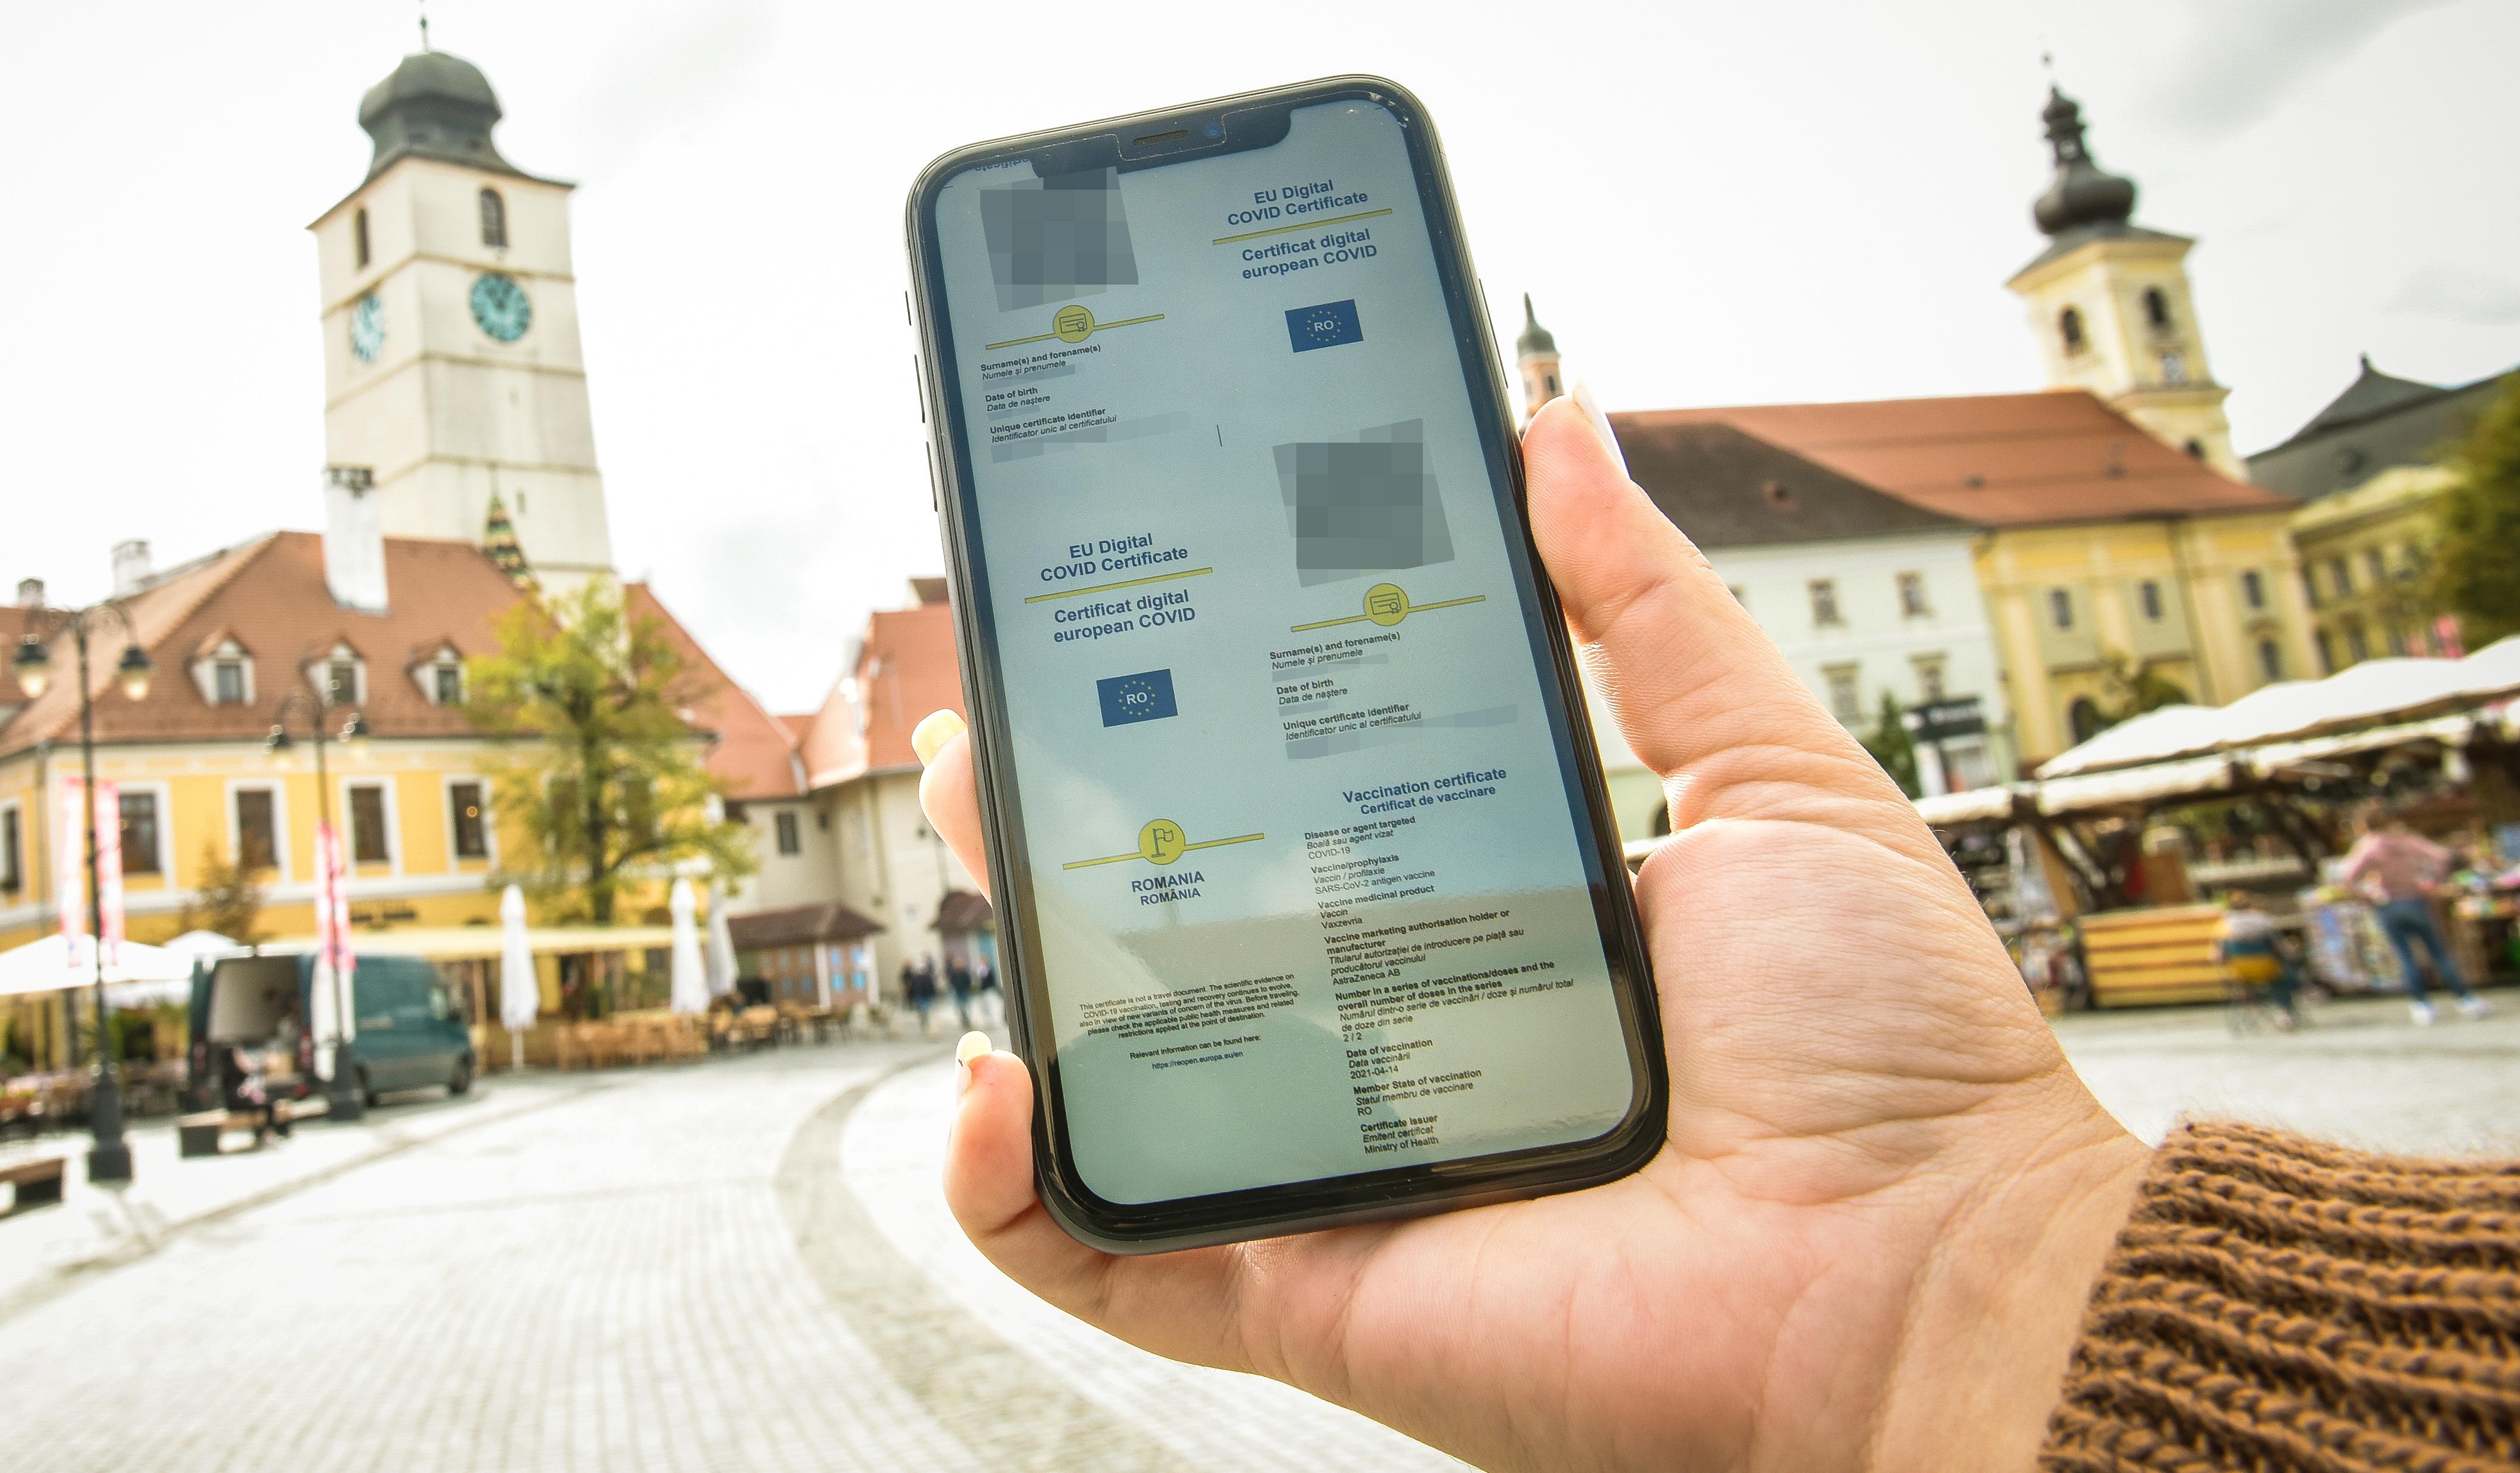 Certificat verde pentru orașul Sibiu, incidența este de 3,07 la mie. Prefectura Sibiu, termen de maxim 48 de ore să ia decizii privind restricțiile